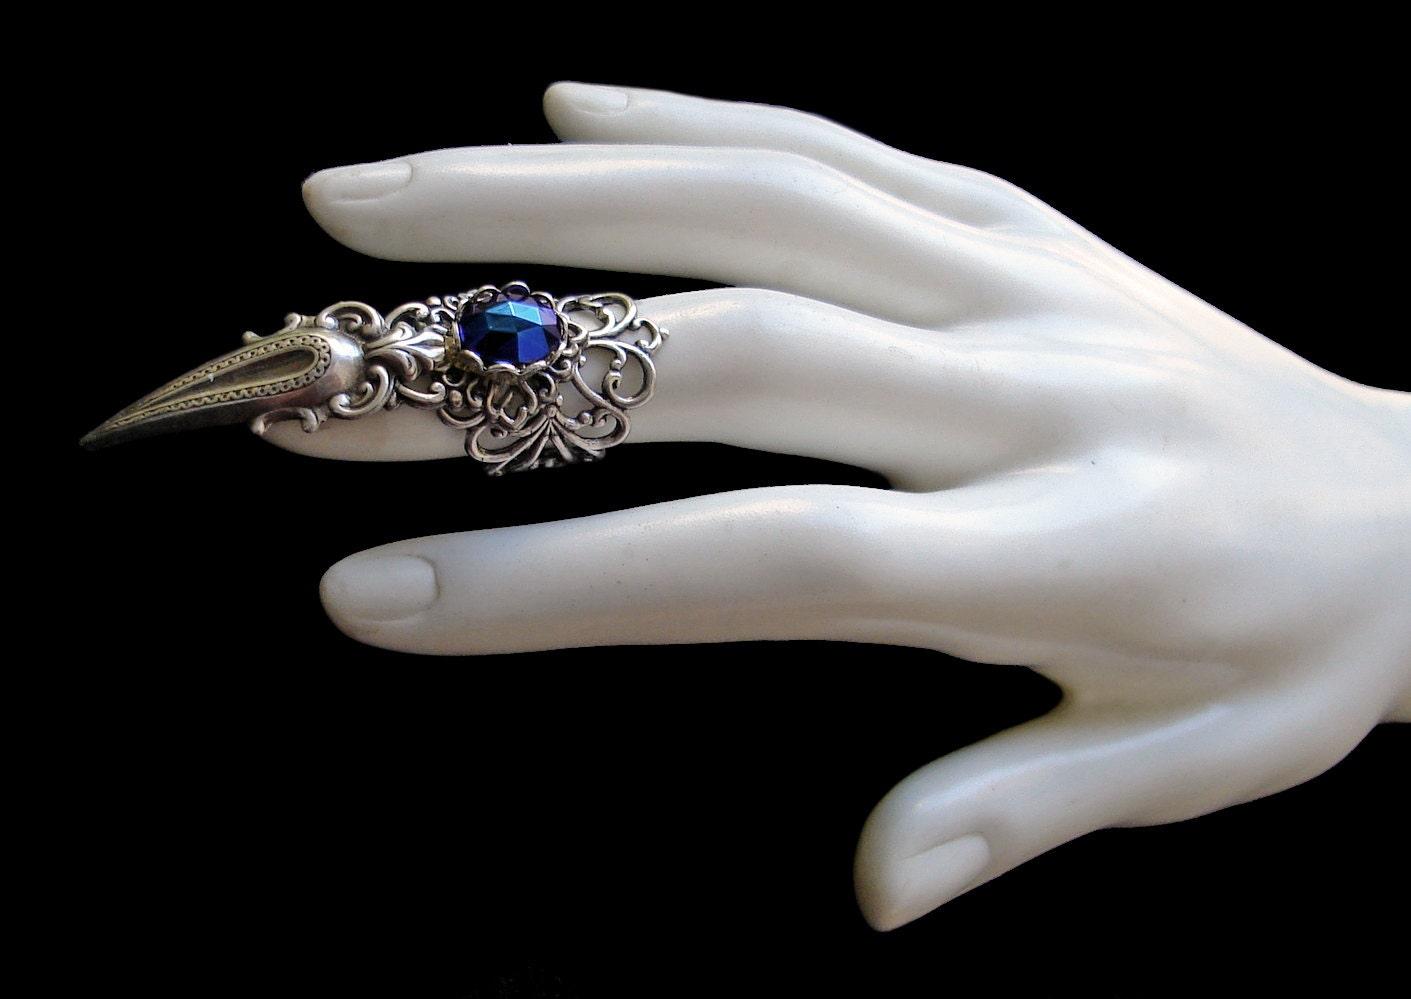 Half Finger Armor Rings